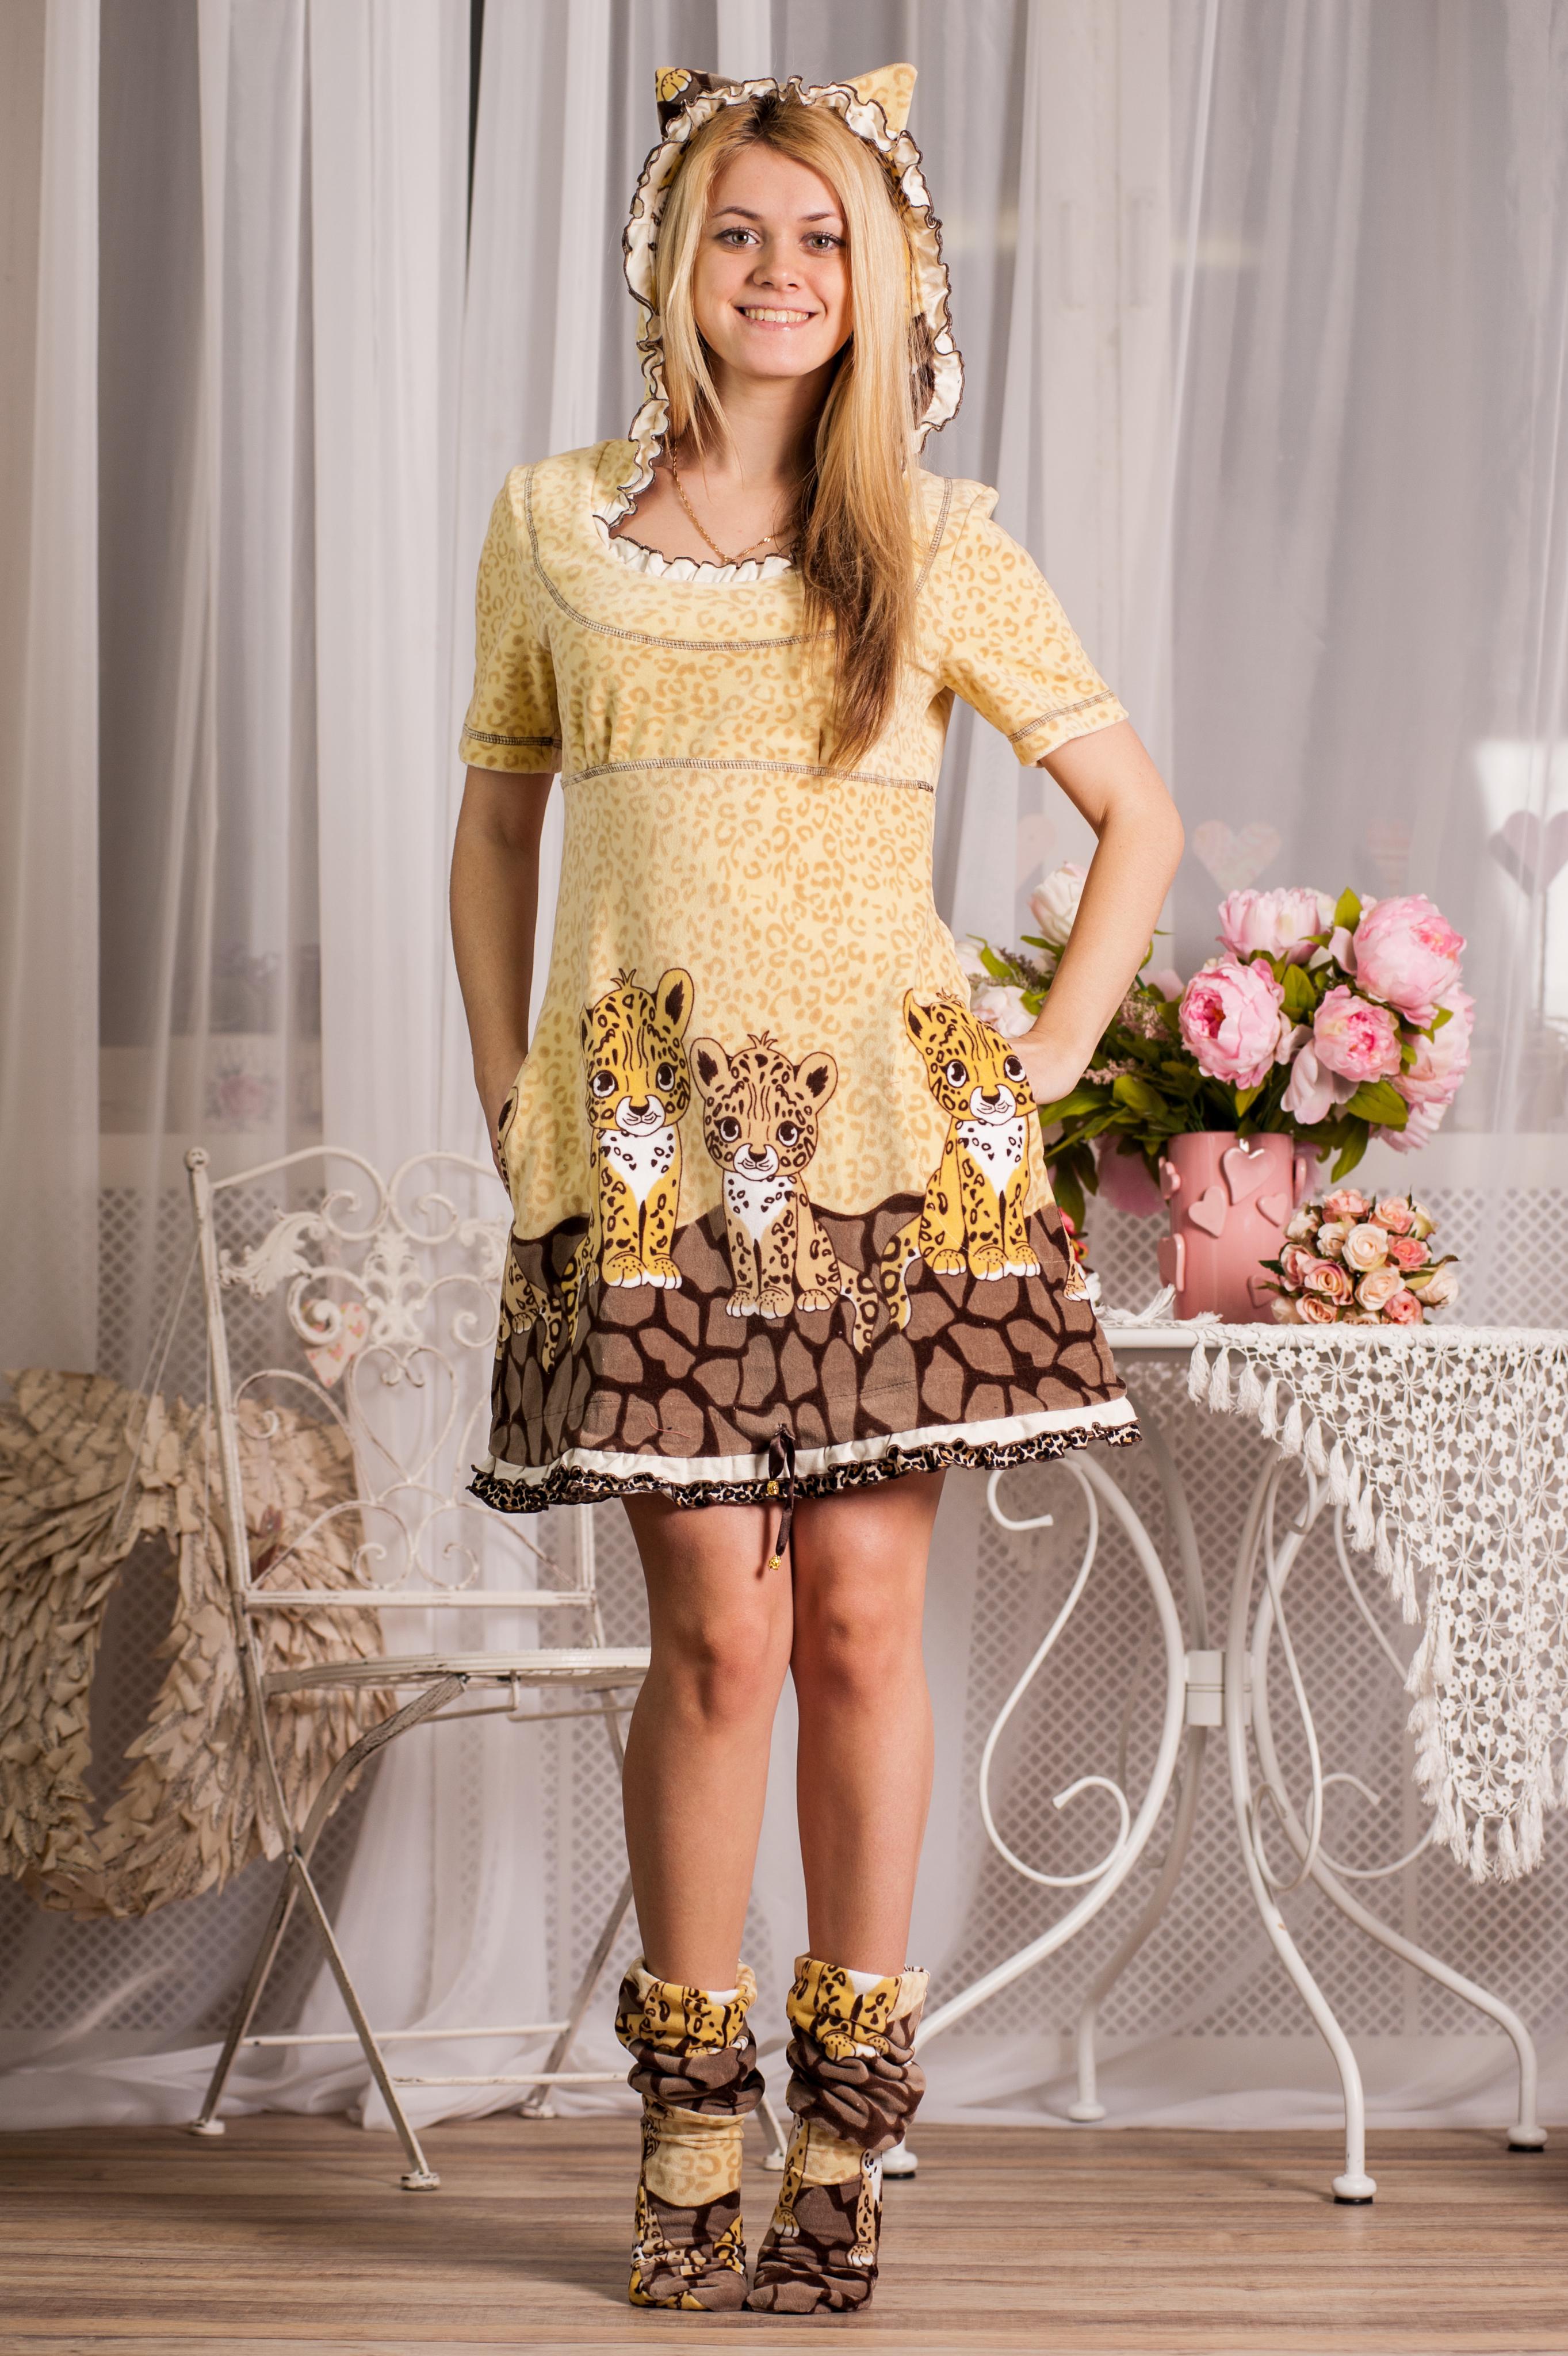 Сбор заказов. Домашняя одежда с неповторимым дизайном. Цены от 150 руб.Выкуп-3